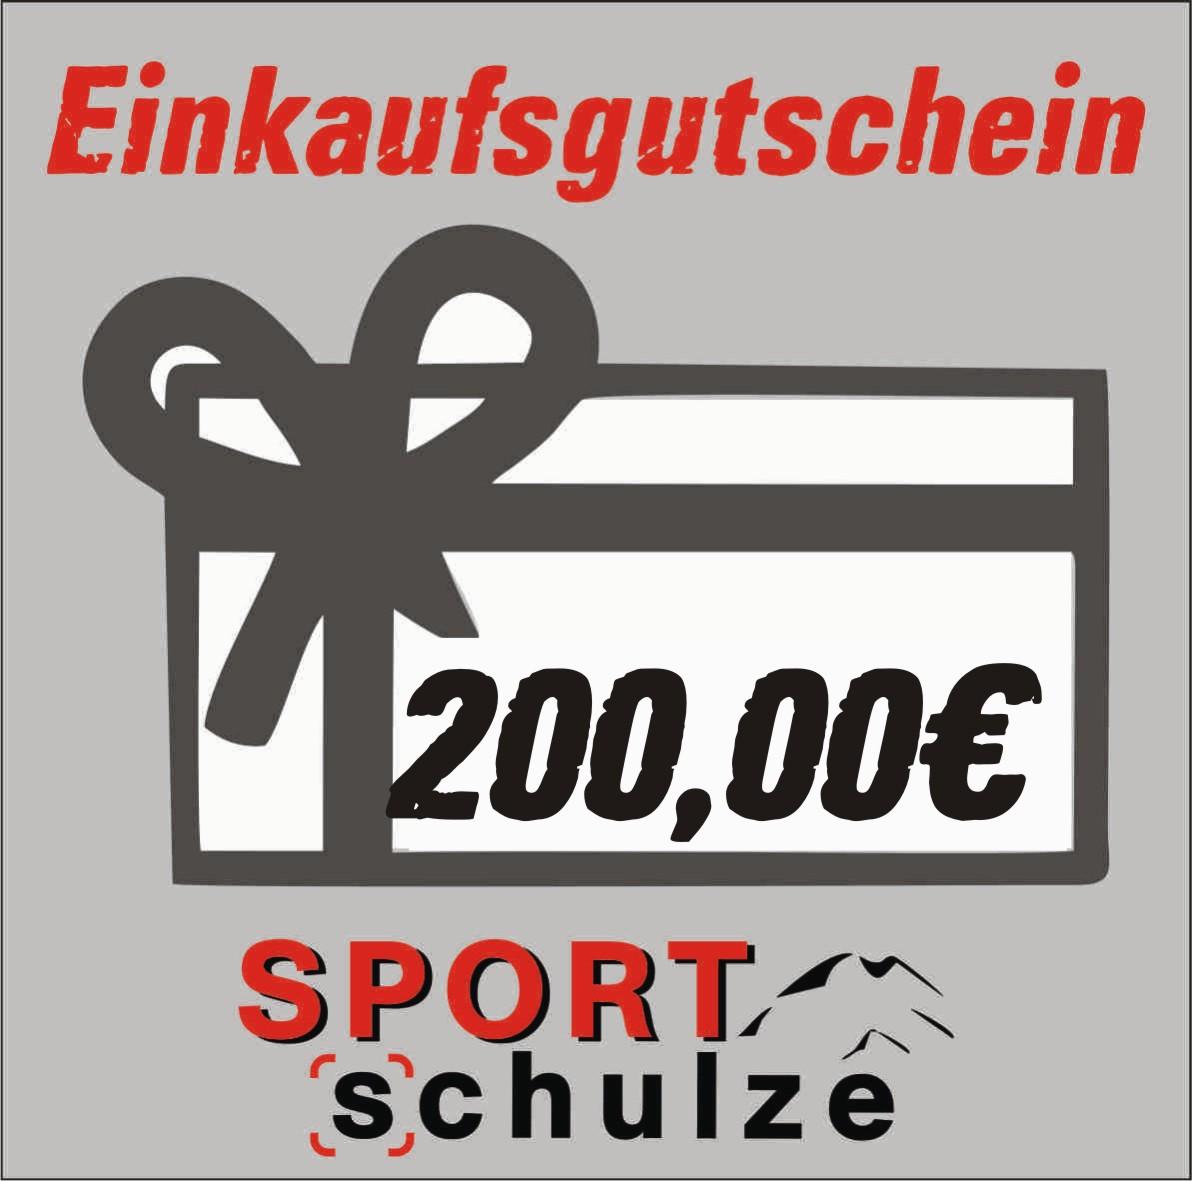 200€ Einkaufsgutschein